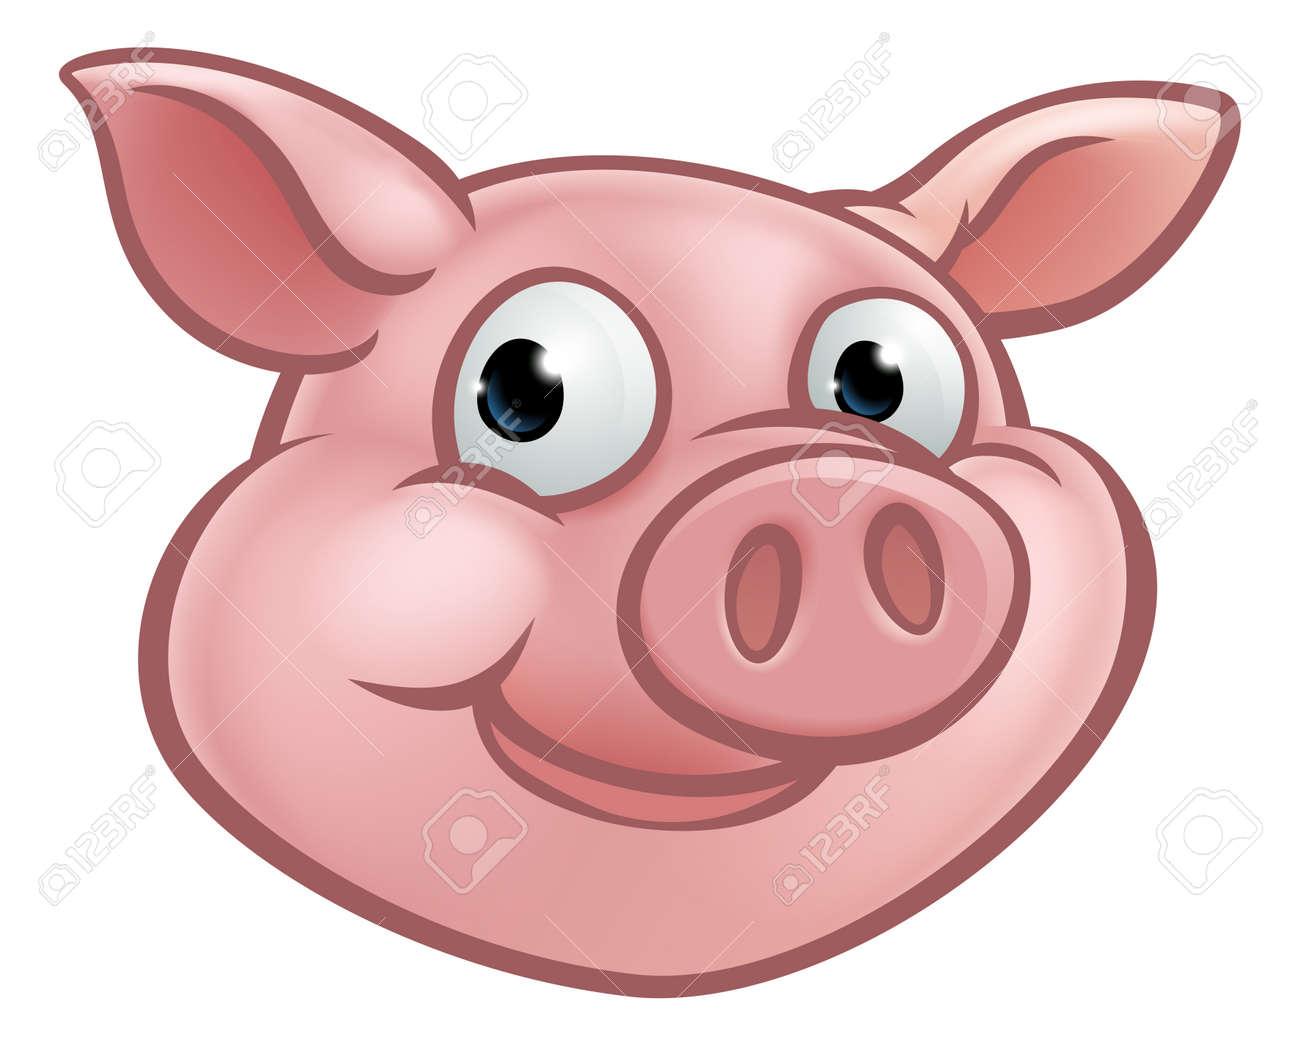 Cochon Dessin une mascotte de caractère cochon dessin animé mignon, illustration